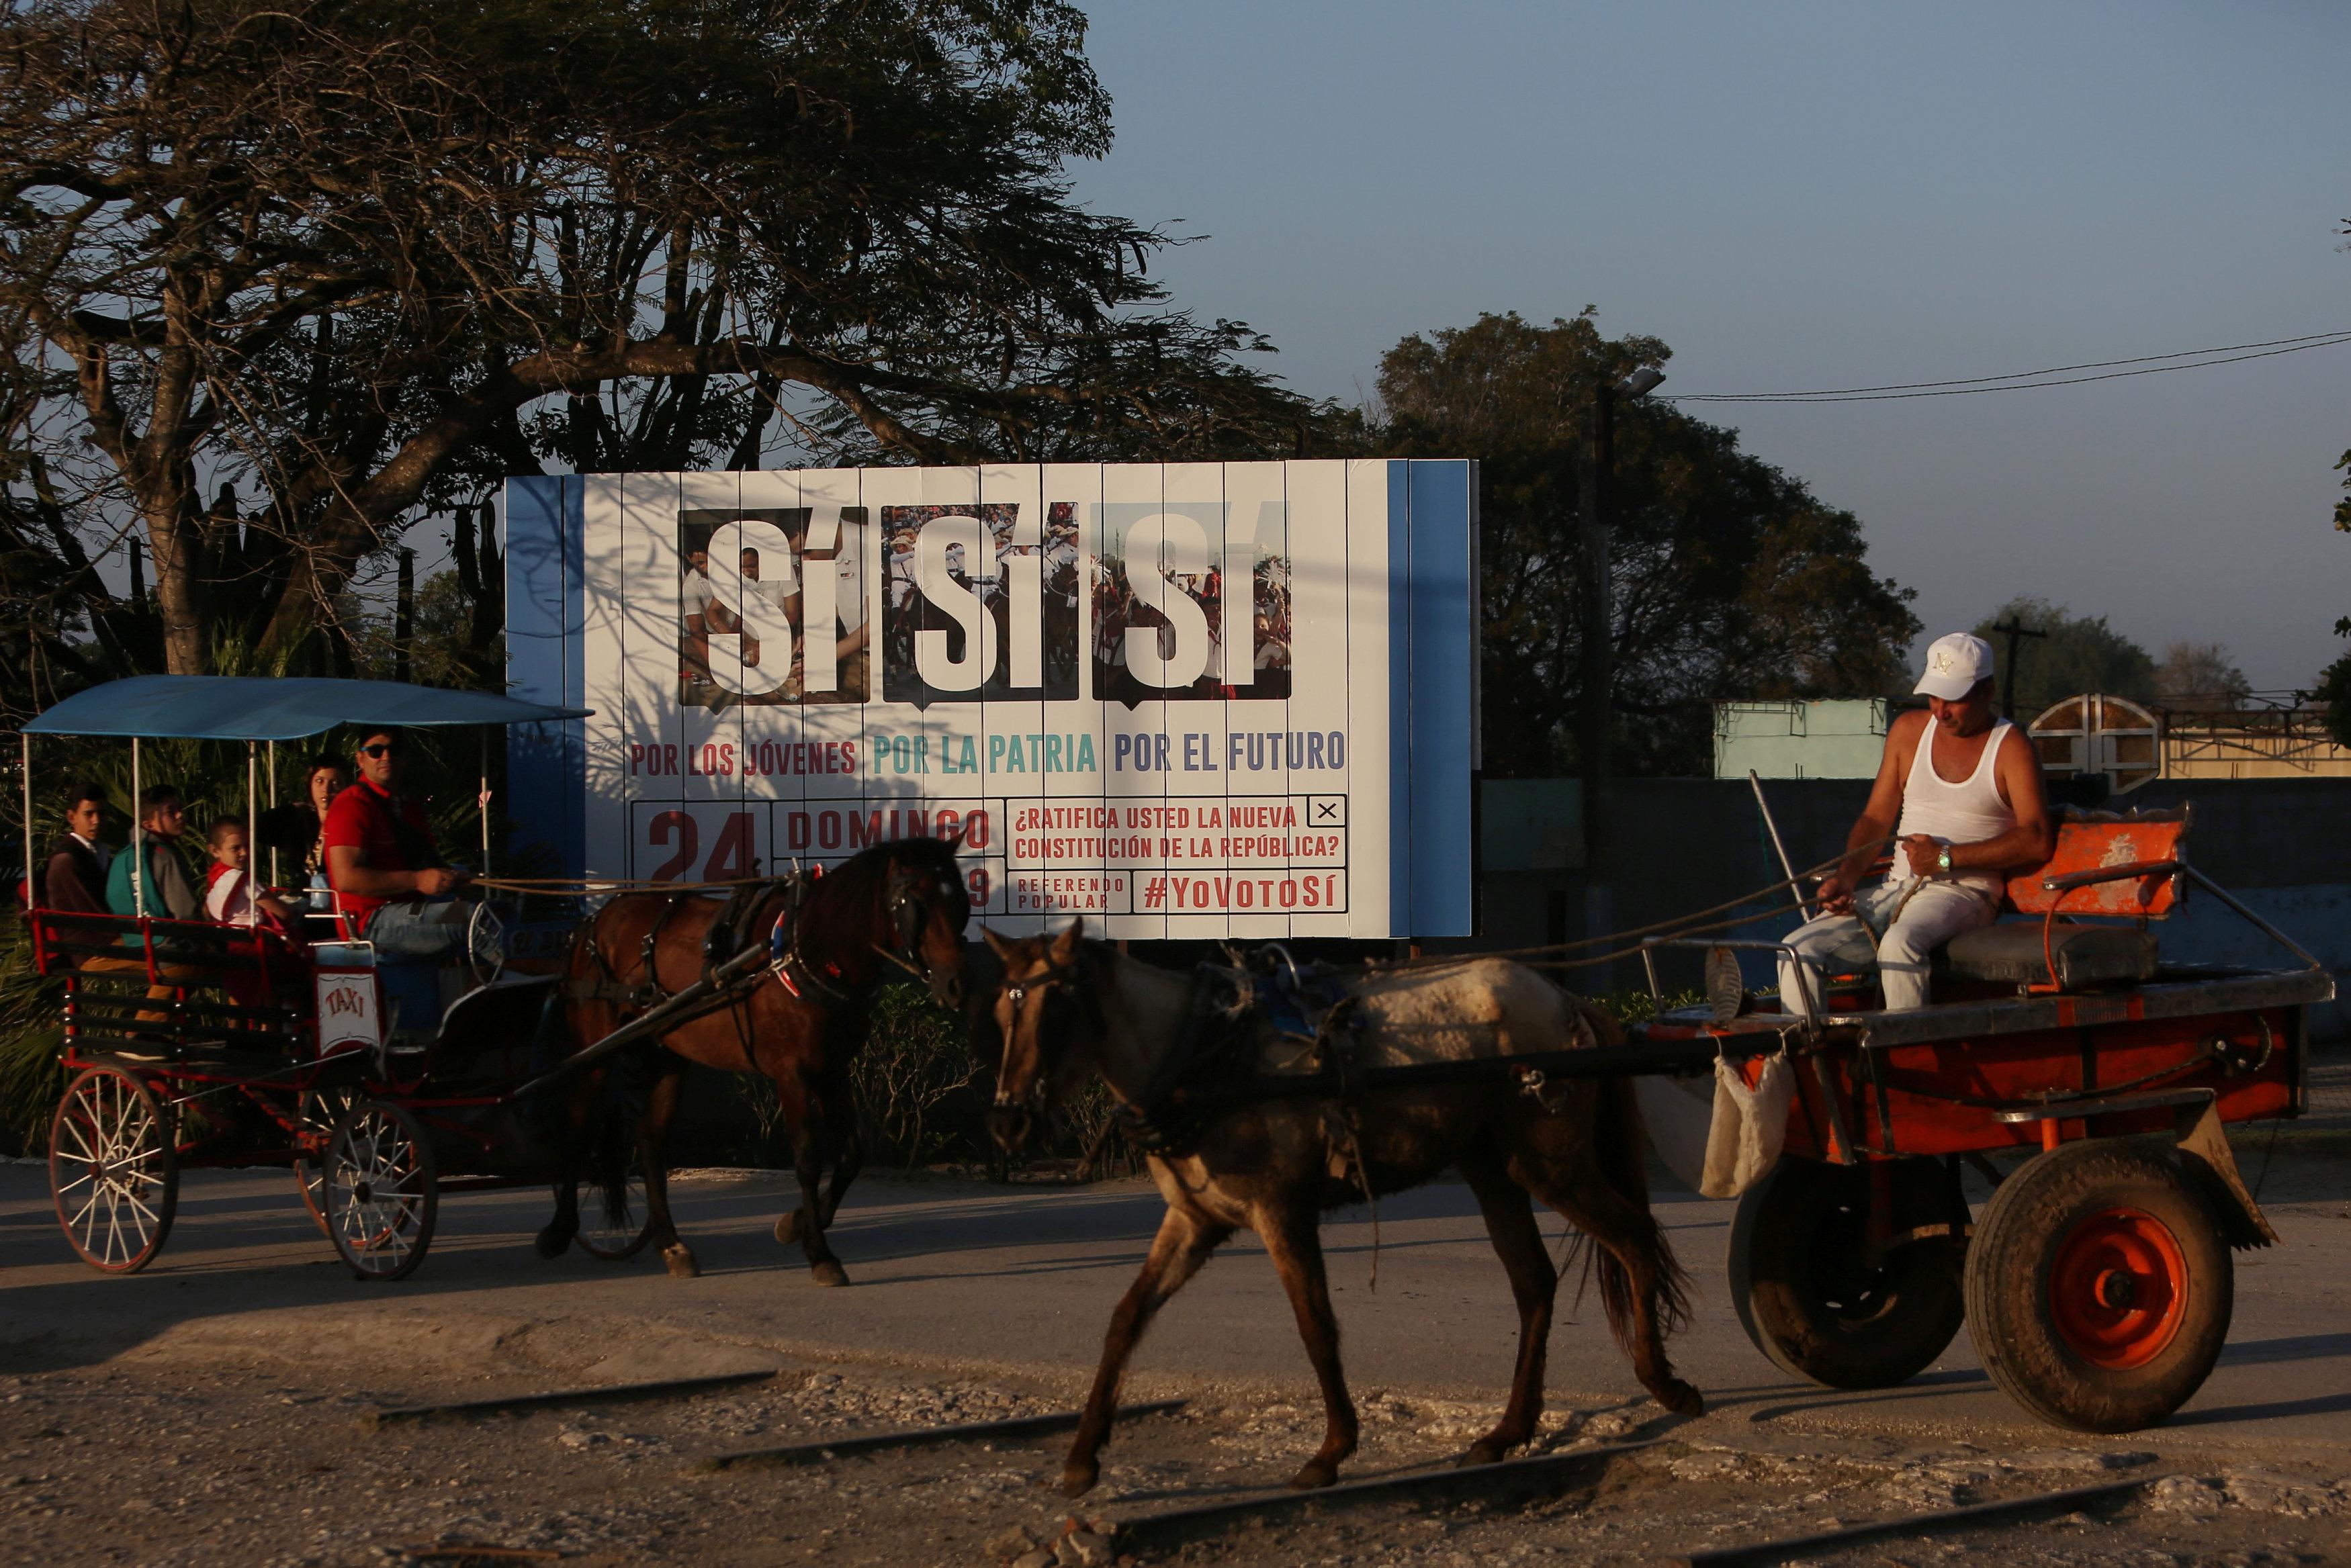 Las Tunas, Cuba. REUTERS/Fernando Medina NO RESALES. NO ARCHIVE